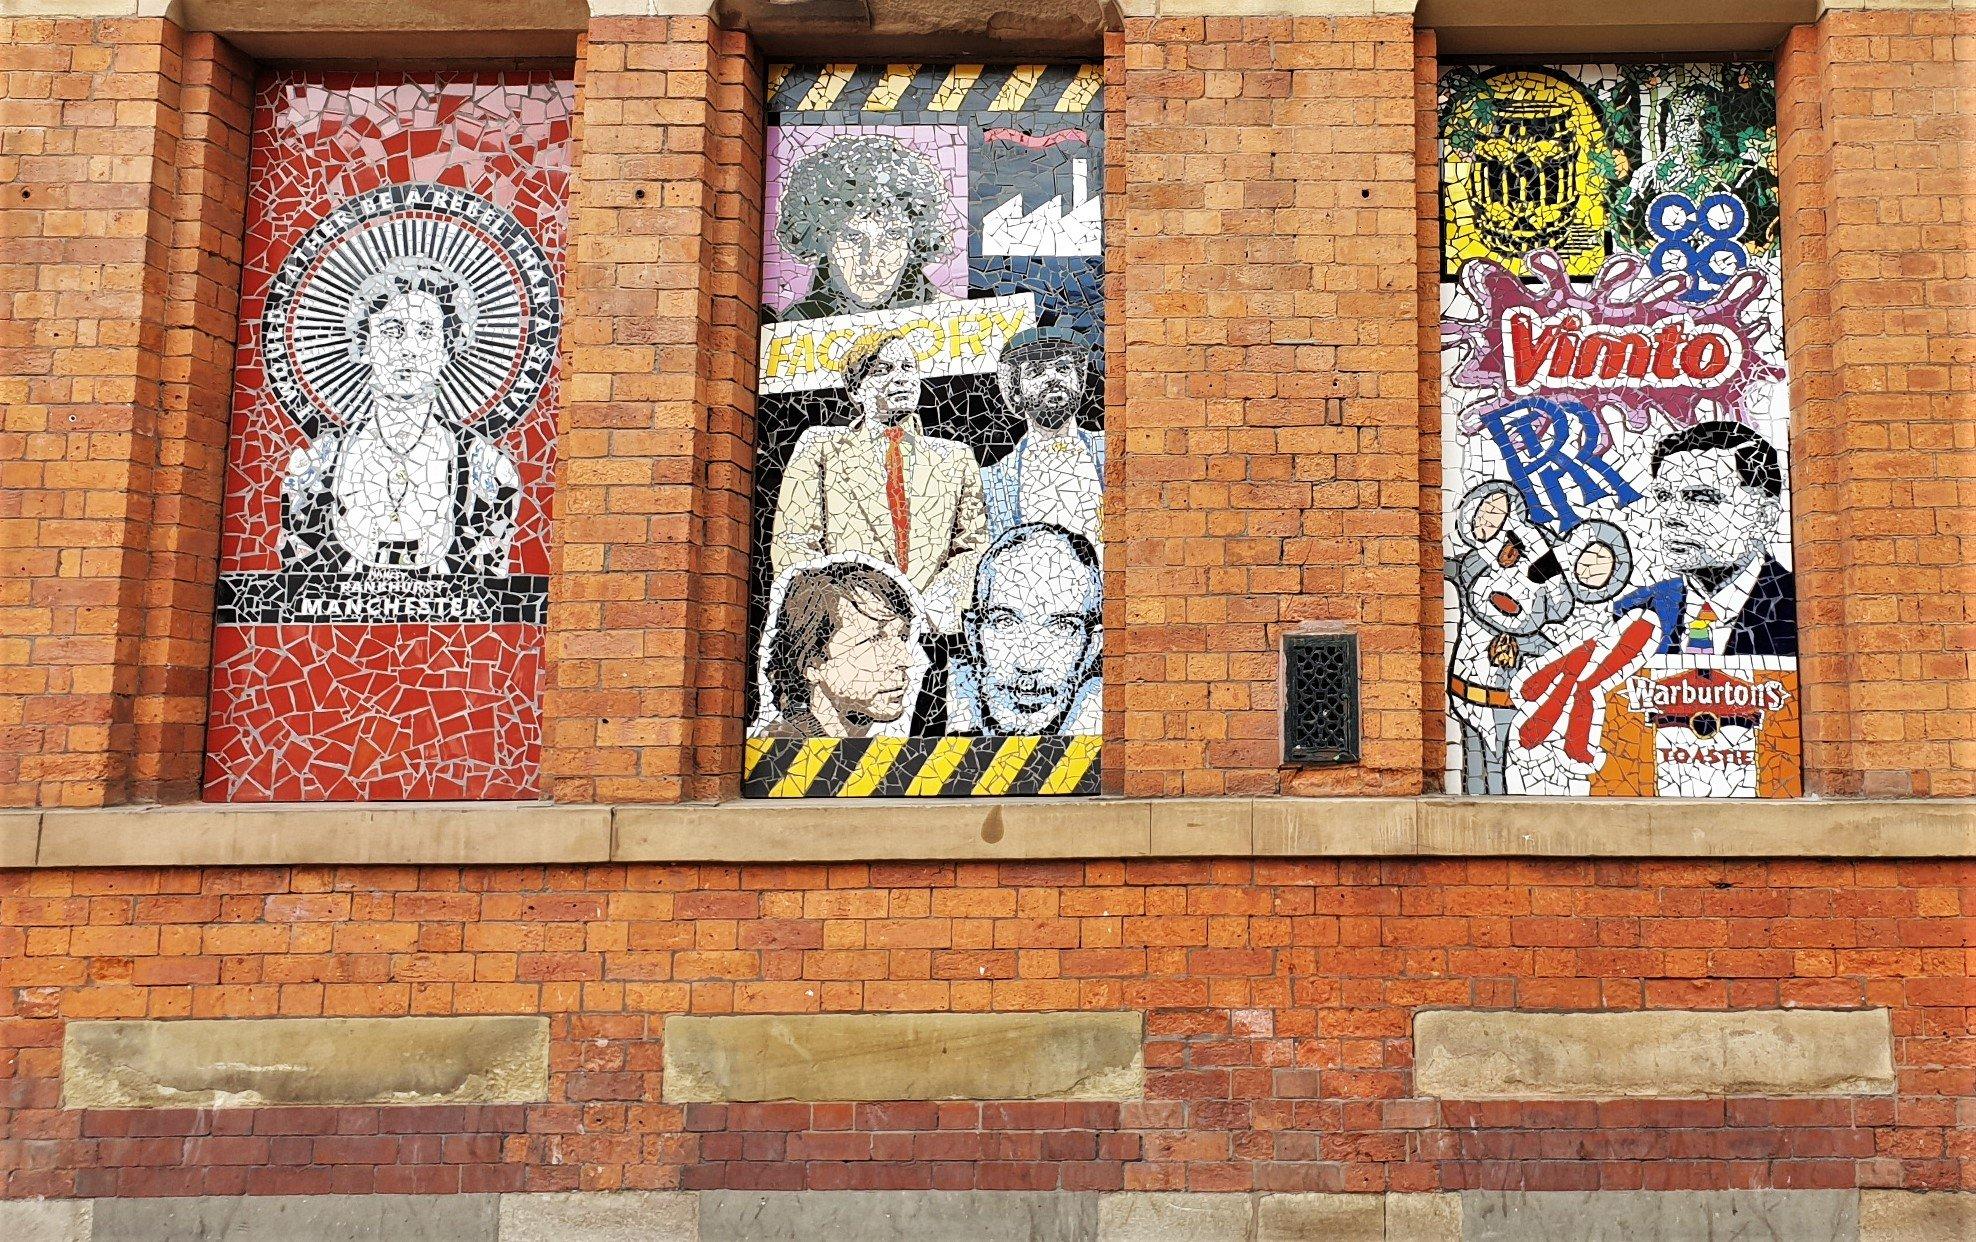 L'arte sui muri di Afflecks